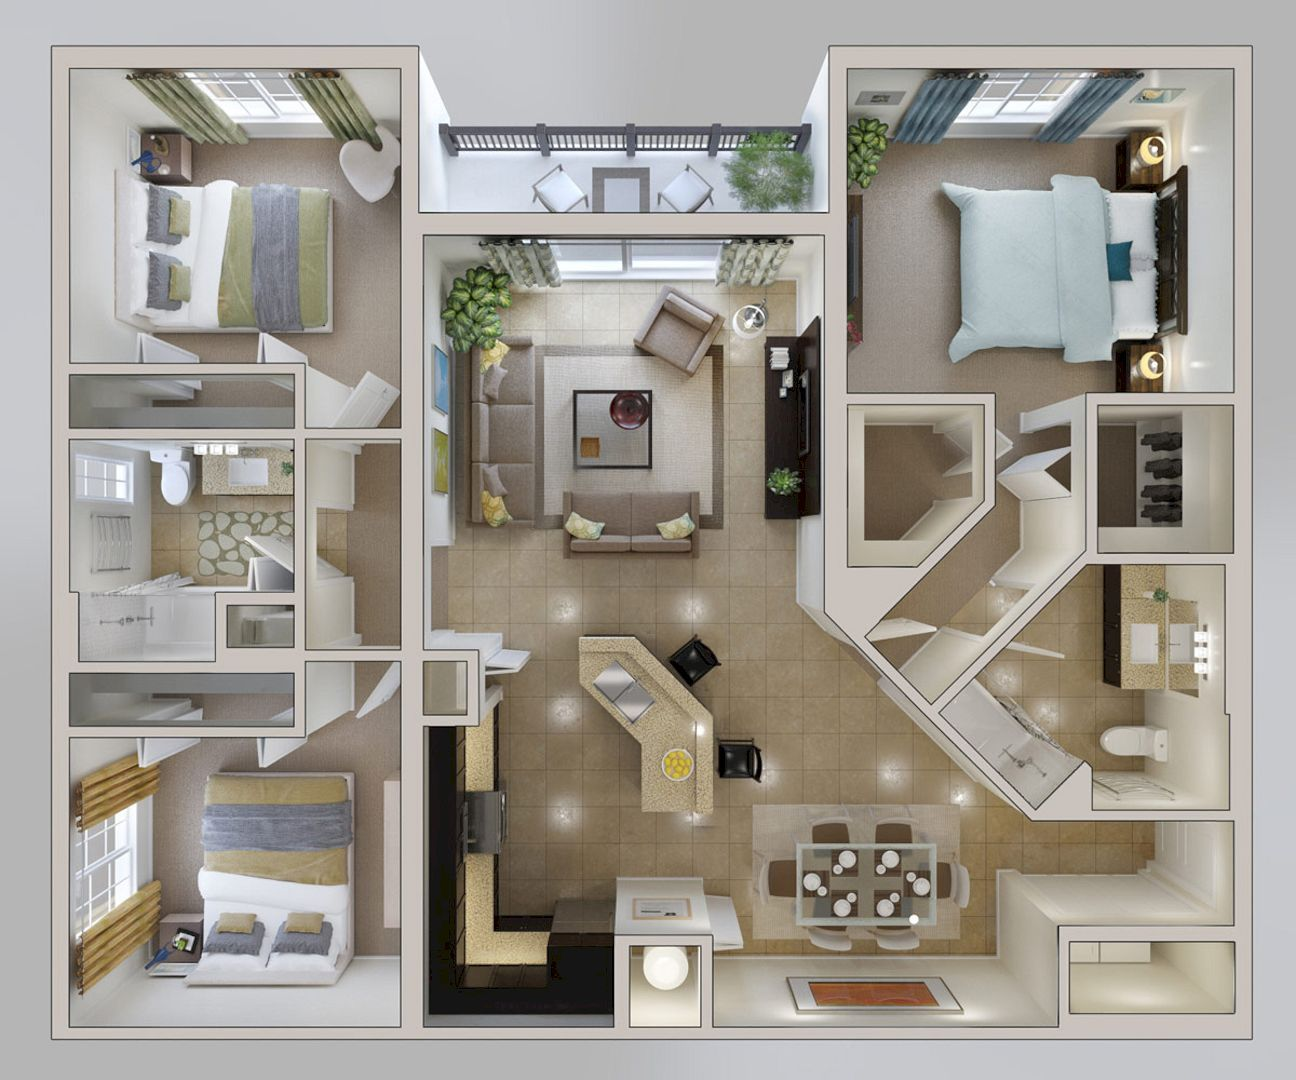 Plantas de casas pequenas com quartos modern pinterest house plans and design also rh